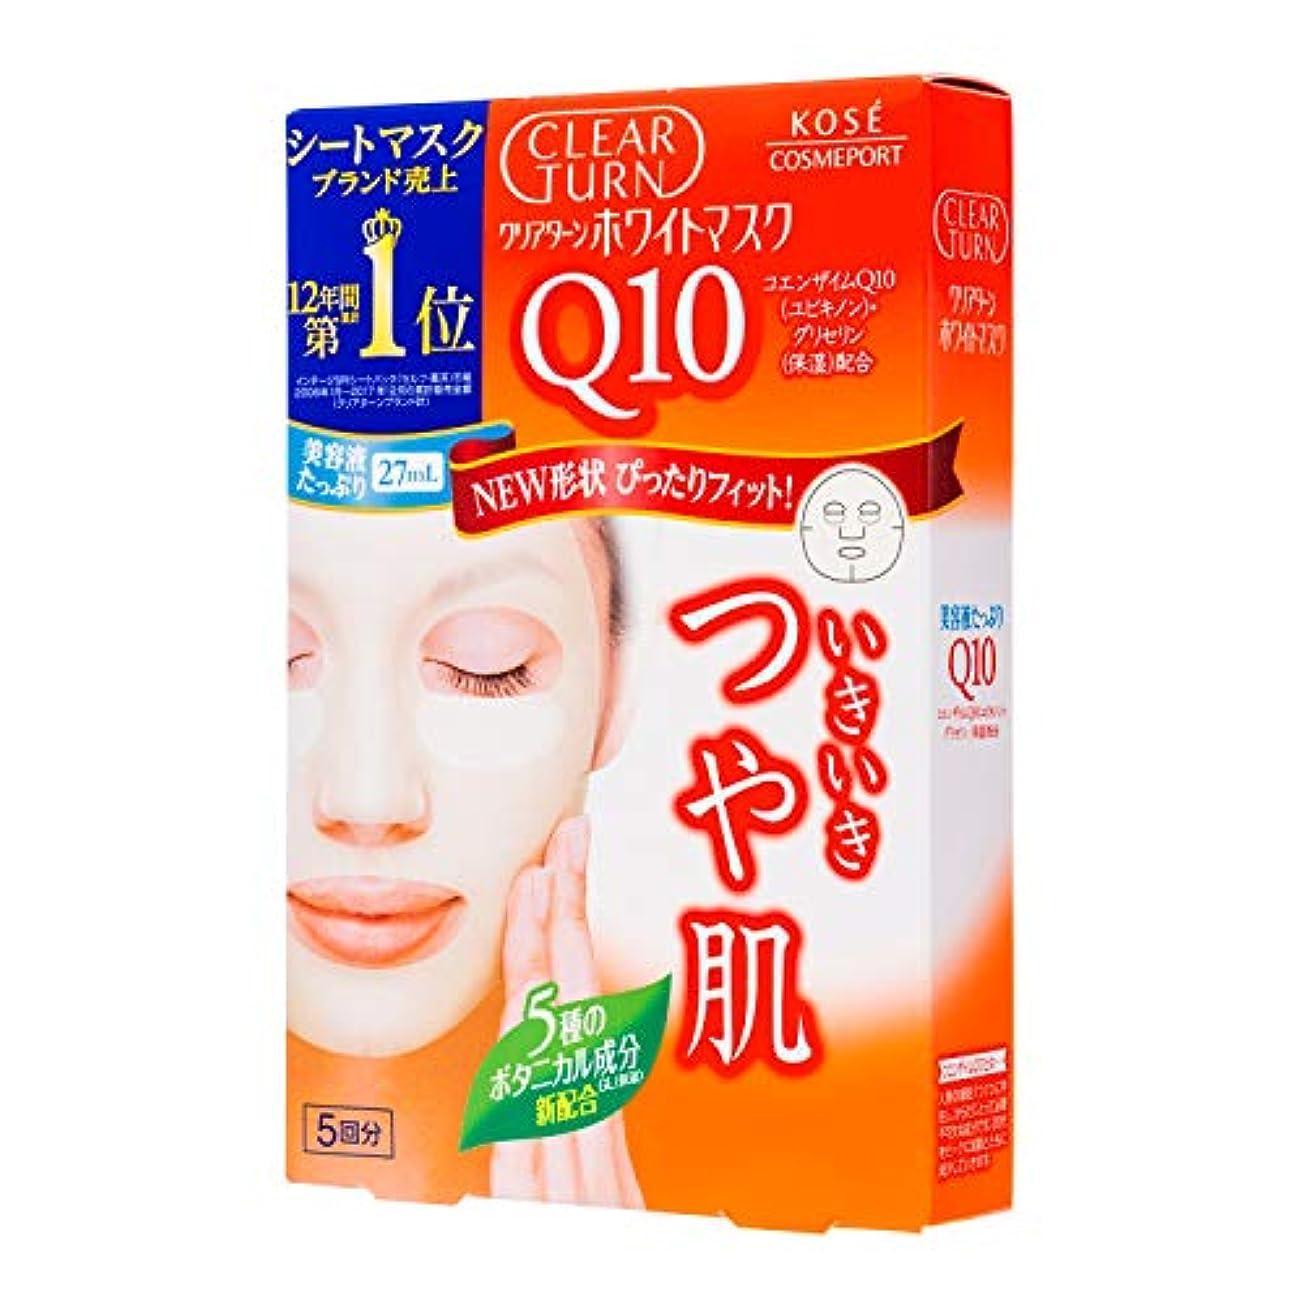 なので比べる分泌するクリアターン ホワイト マスク Q10 c (コエンザイムQ10) 5回分